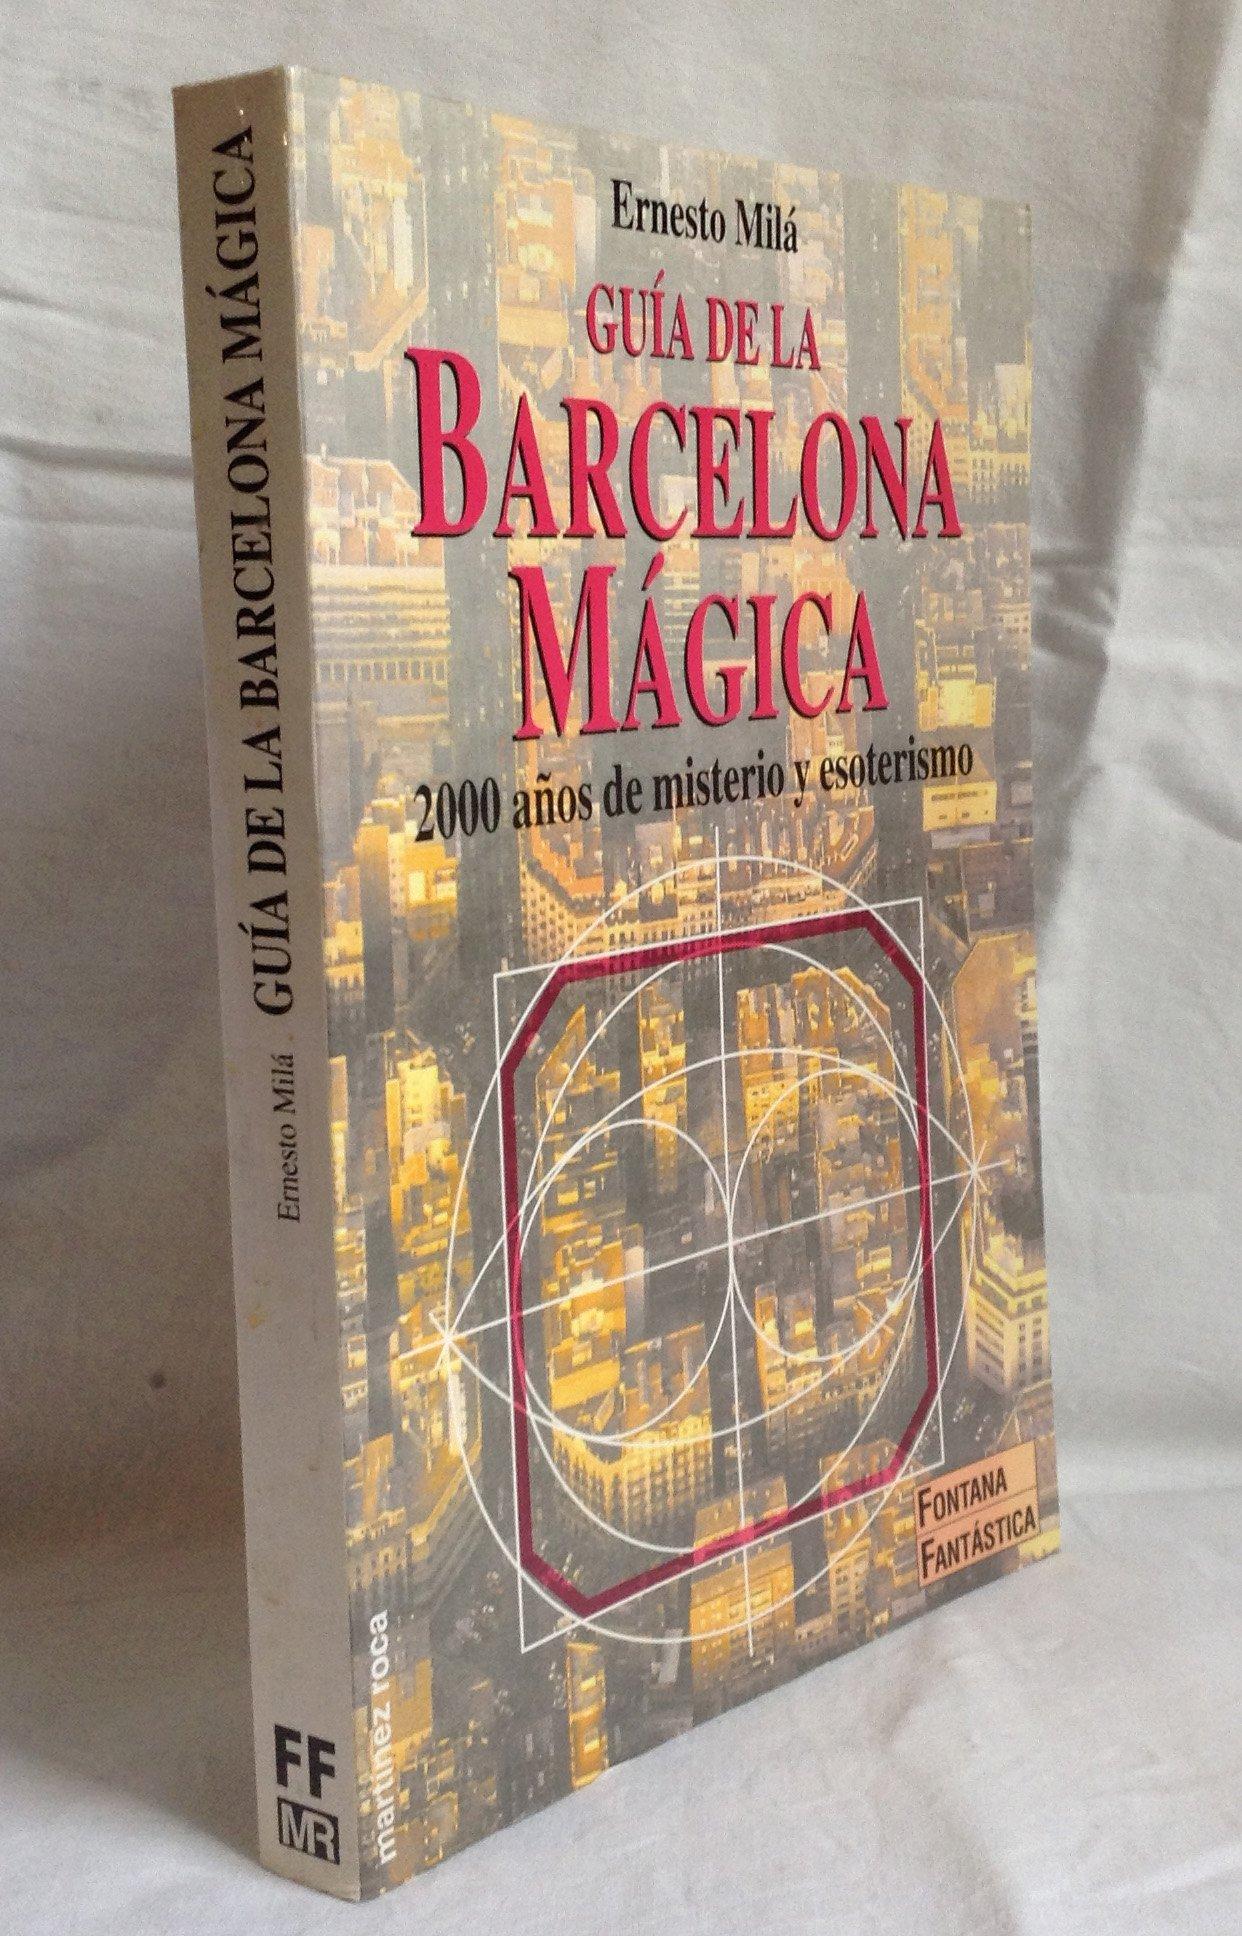 Guia de la Barcelona magica: Amazon.es: Mila, Ernesto: Libros